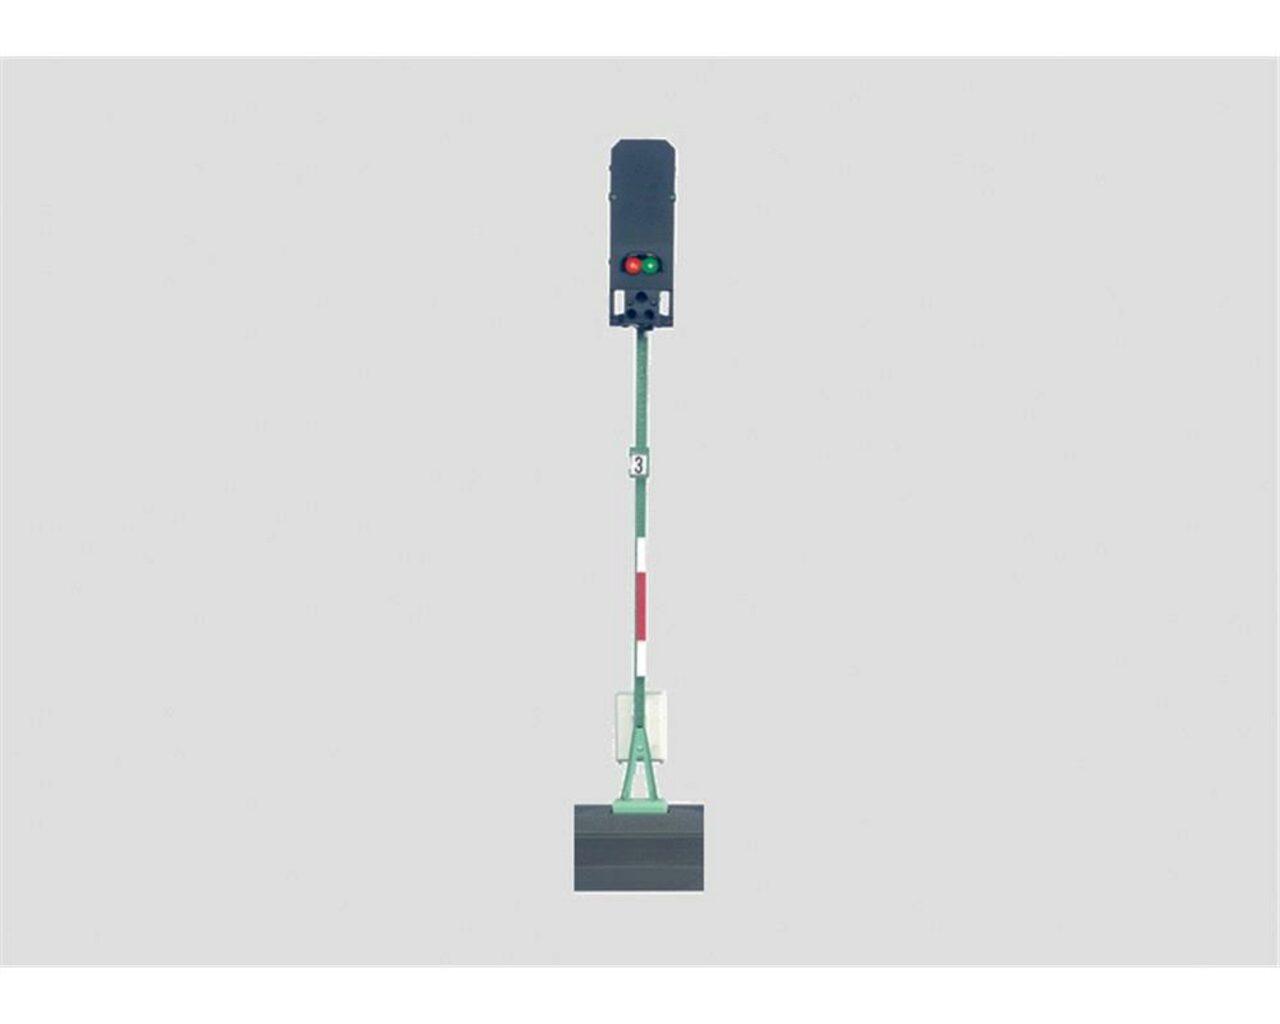 rot TT // Licht // grün Hauptsignal c